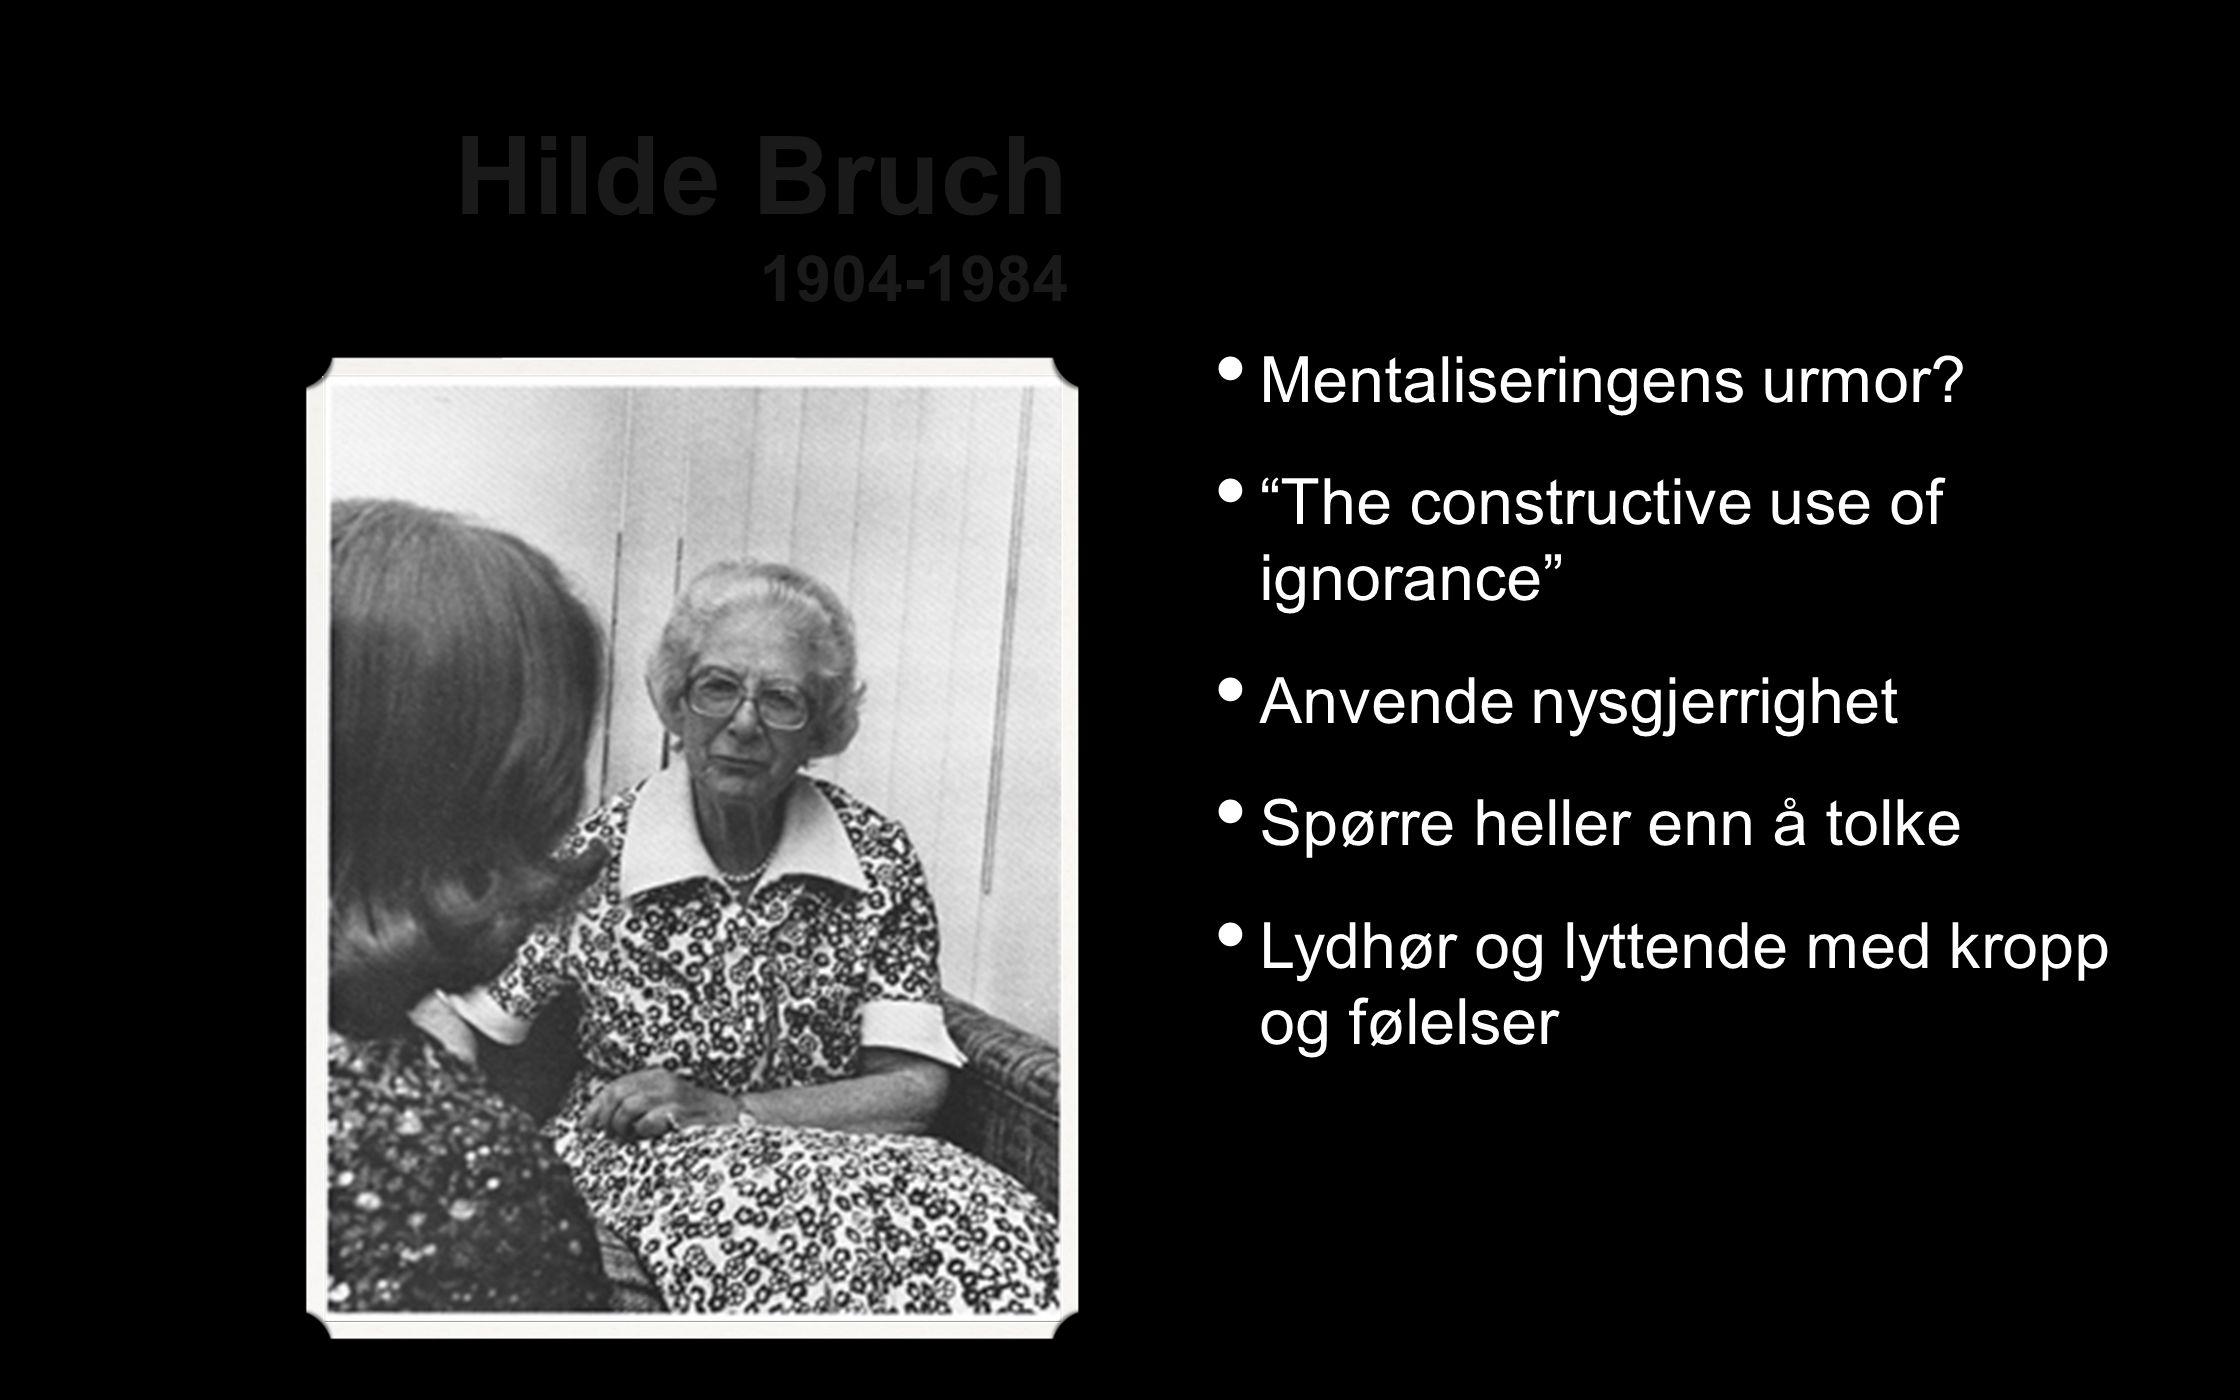 Hilde Bruch 1904-1984 Mentaliseringens urmor